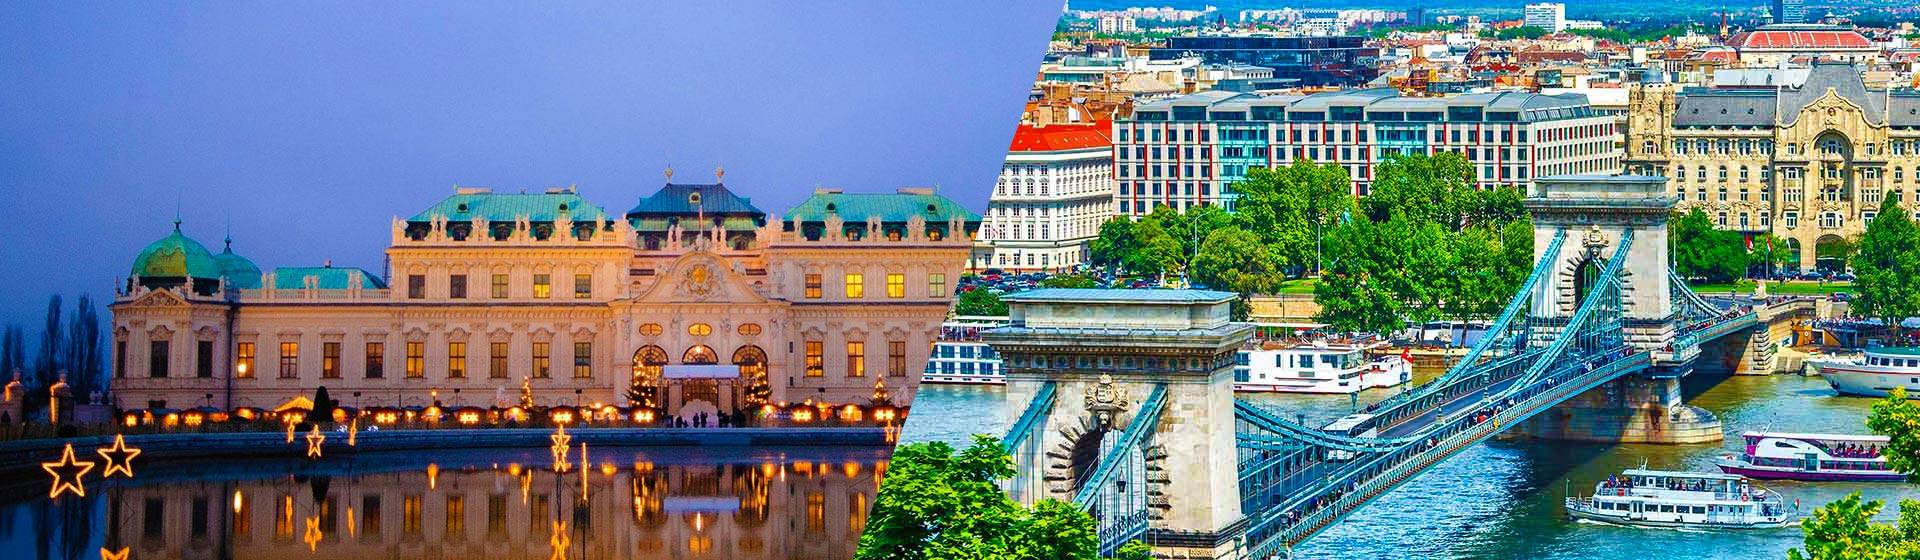 Viena-Budapest - 5 días